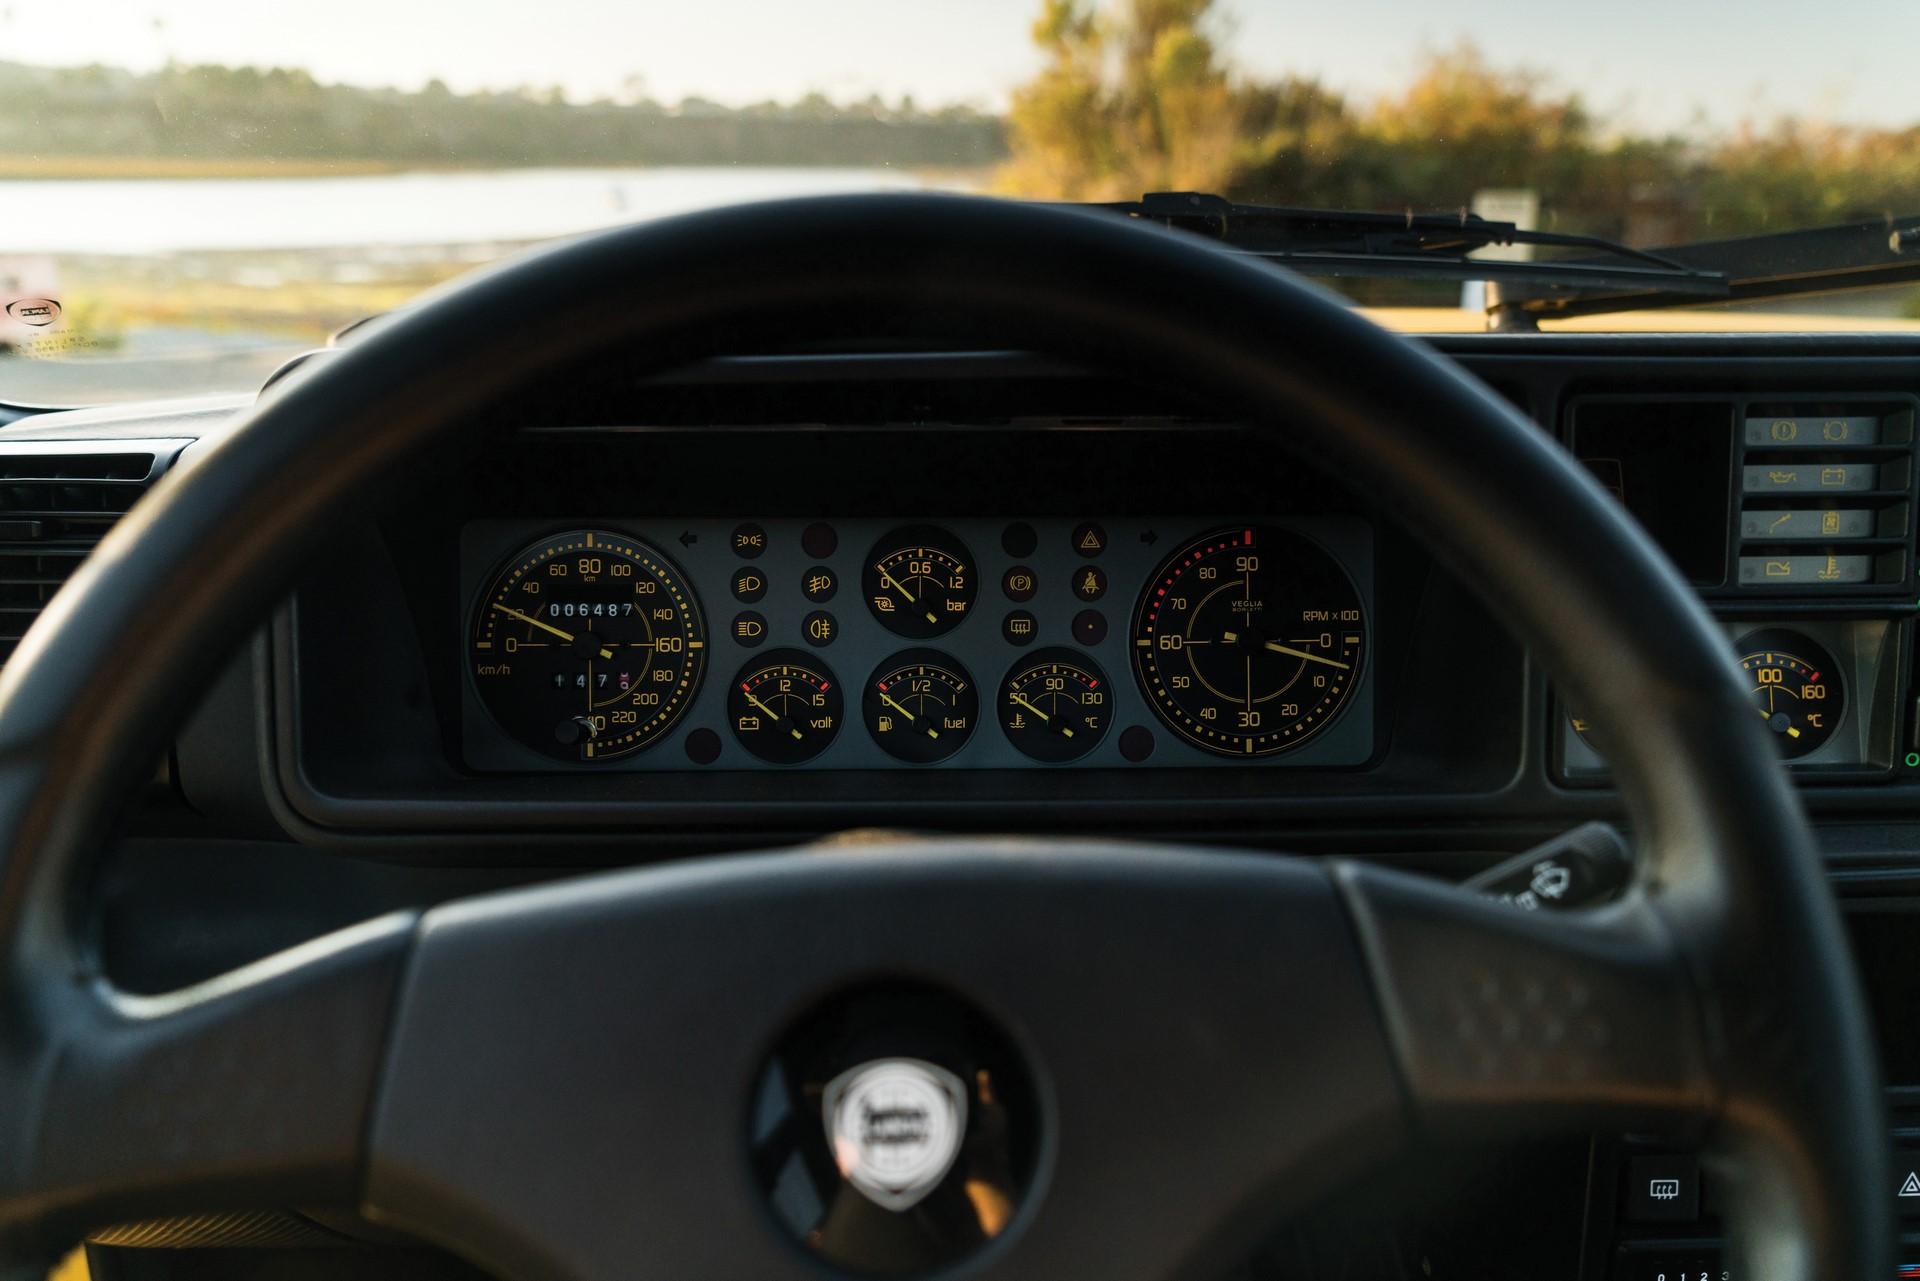 Lancia Delta HF Integrale Evoluzione 1992 (35)